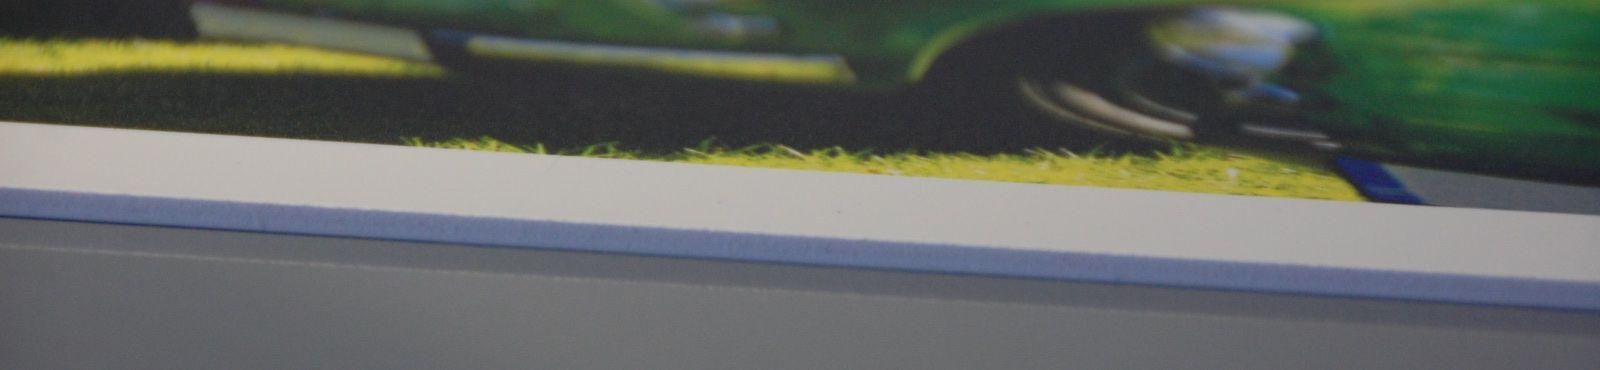 Stampa su un pannello di forex